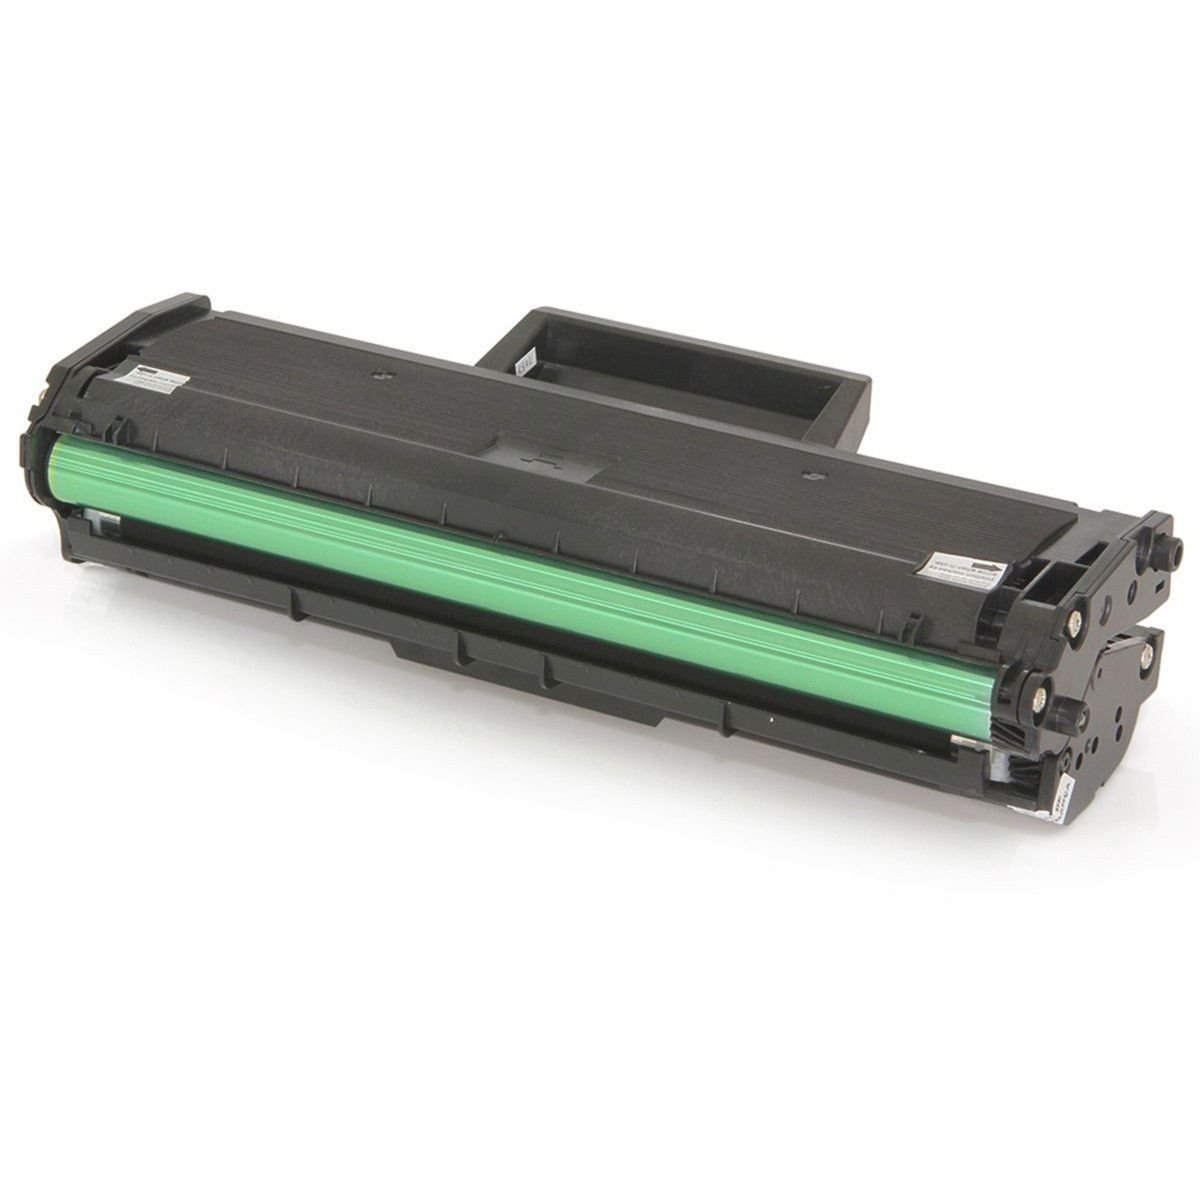 Toner Compatível Samsung MLT-D111S D111S   M2020 M2020FW M2070 M2070W M2070FW   1k - PREMIUM